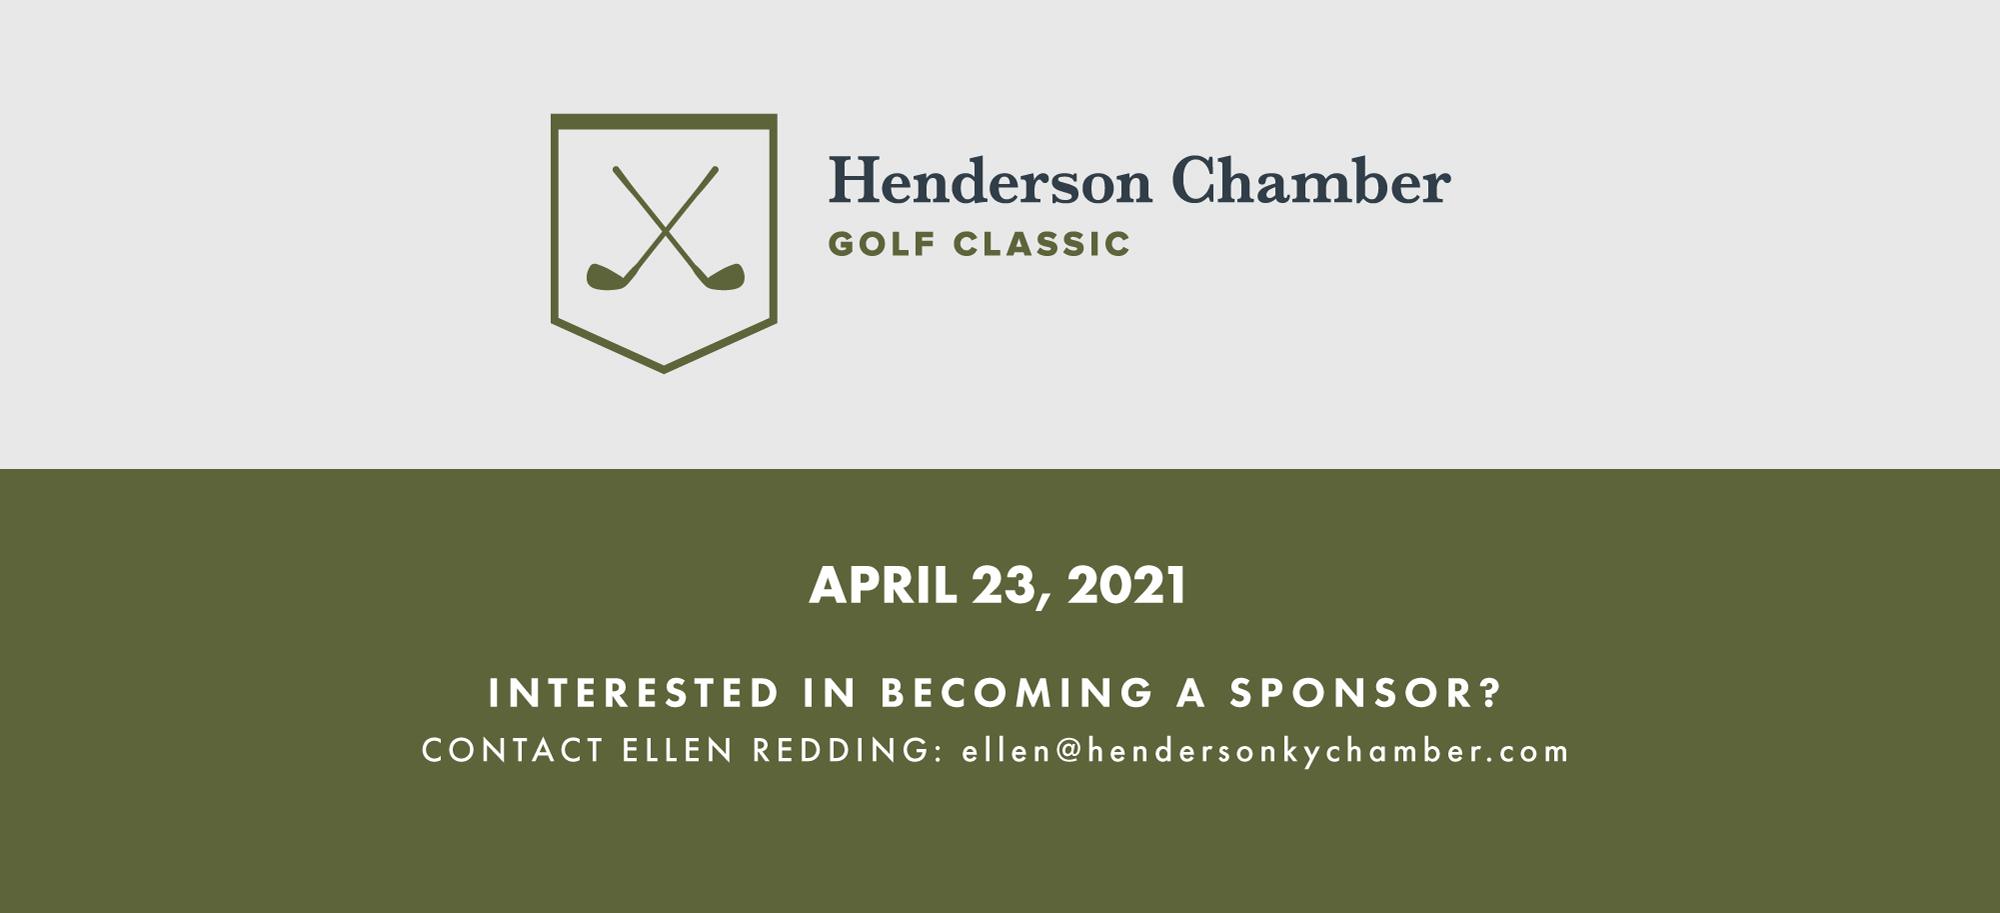 HendersonChamber_GolfClassic_Sponsor